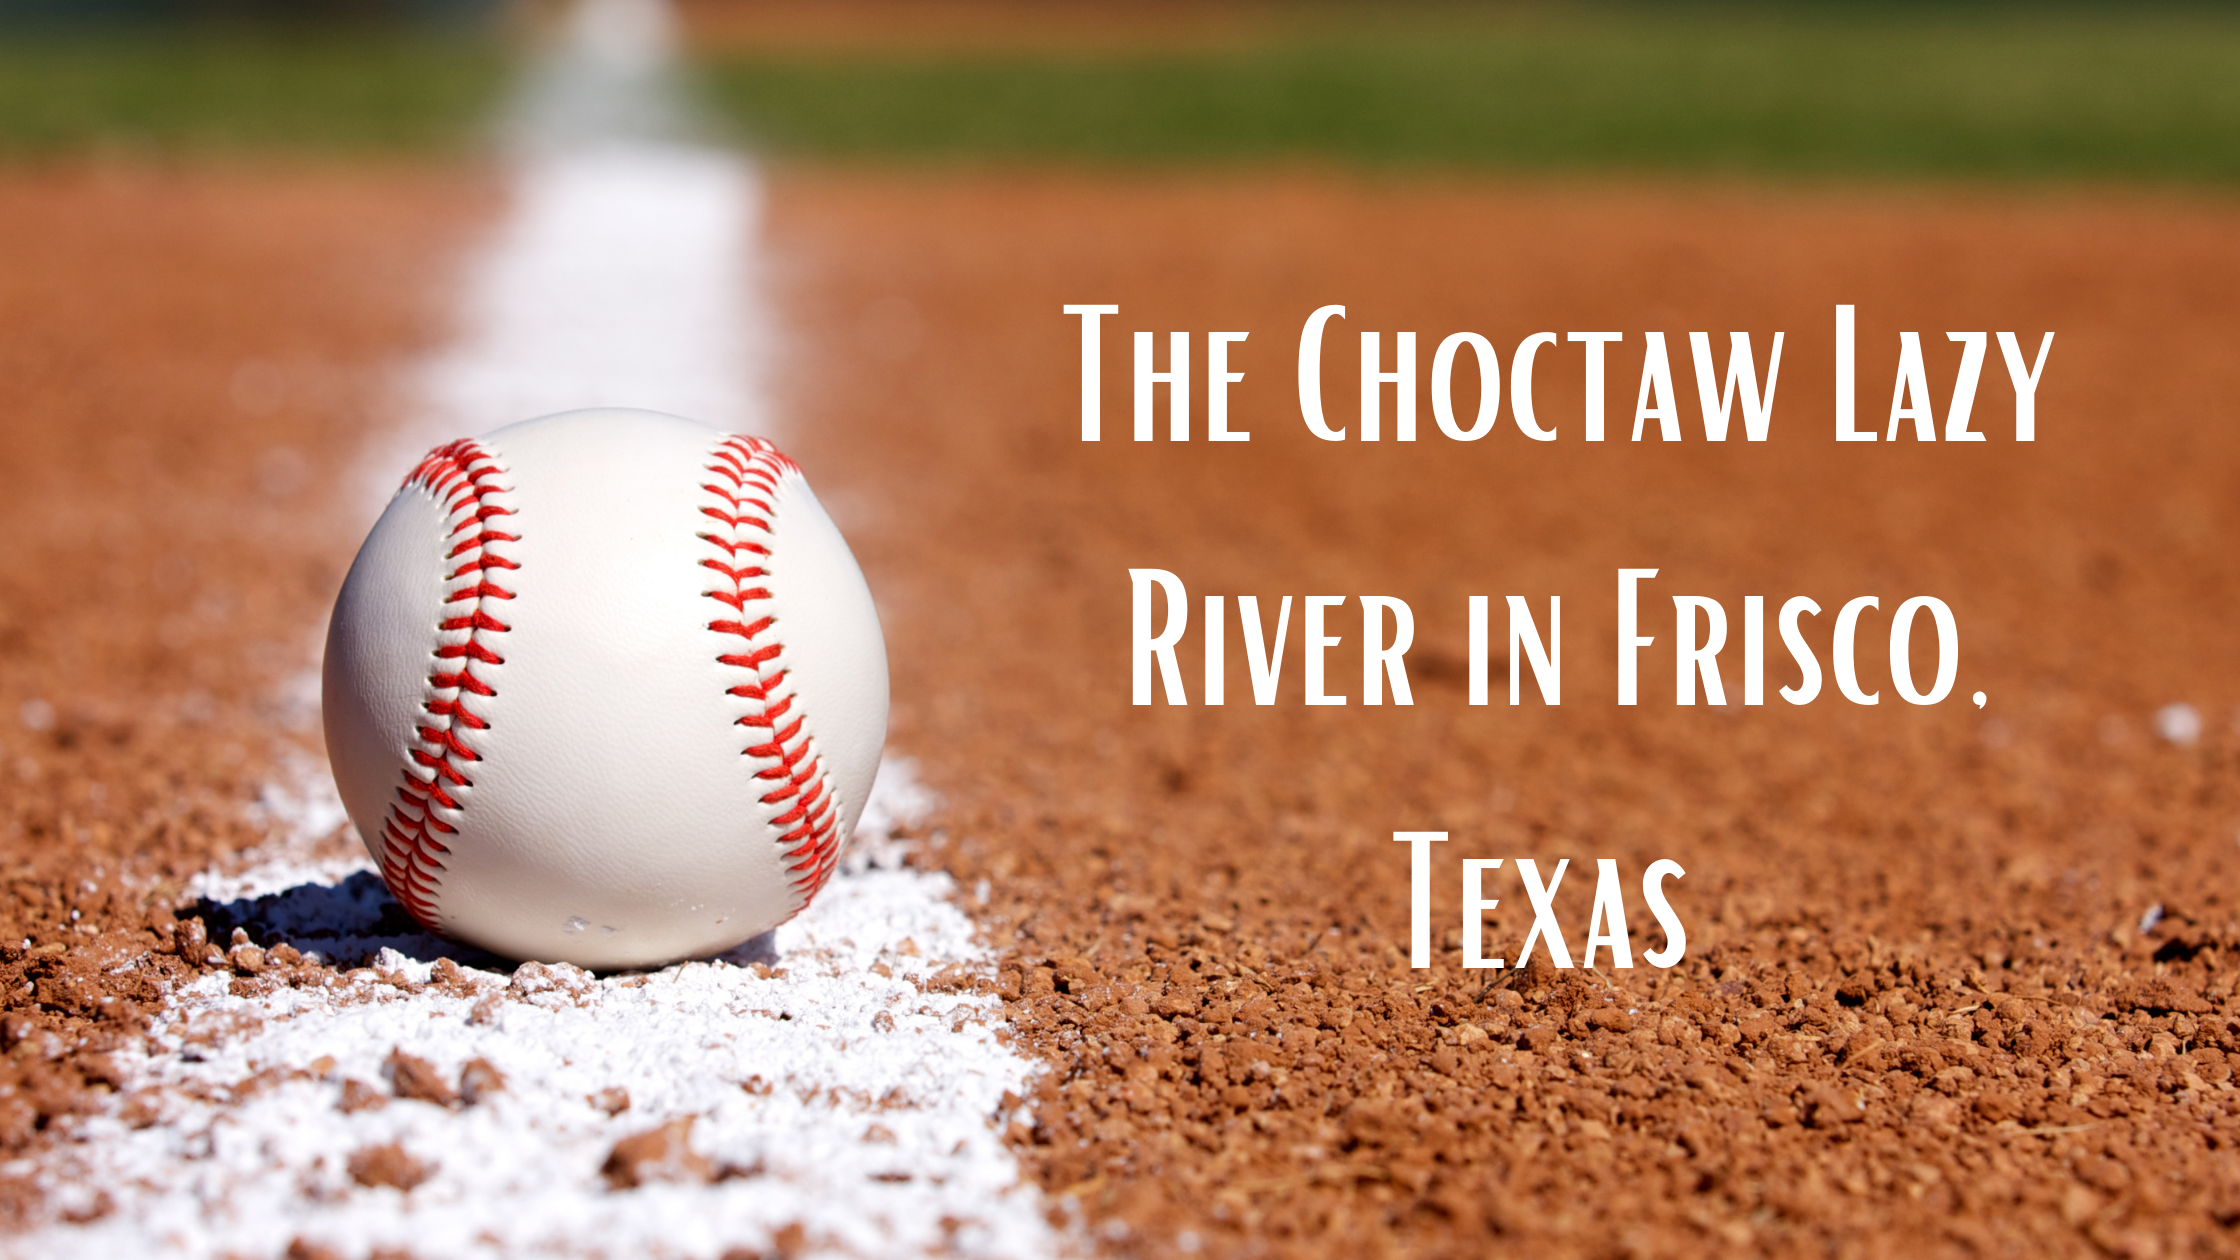 Choctaw Lazy River Frisco TX